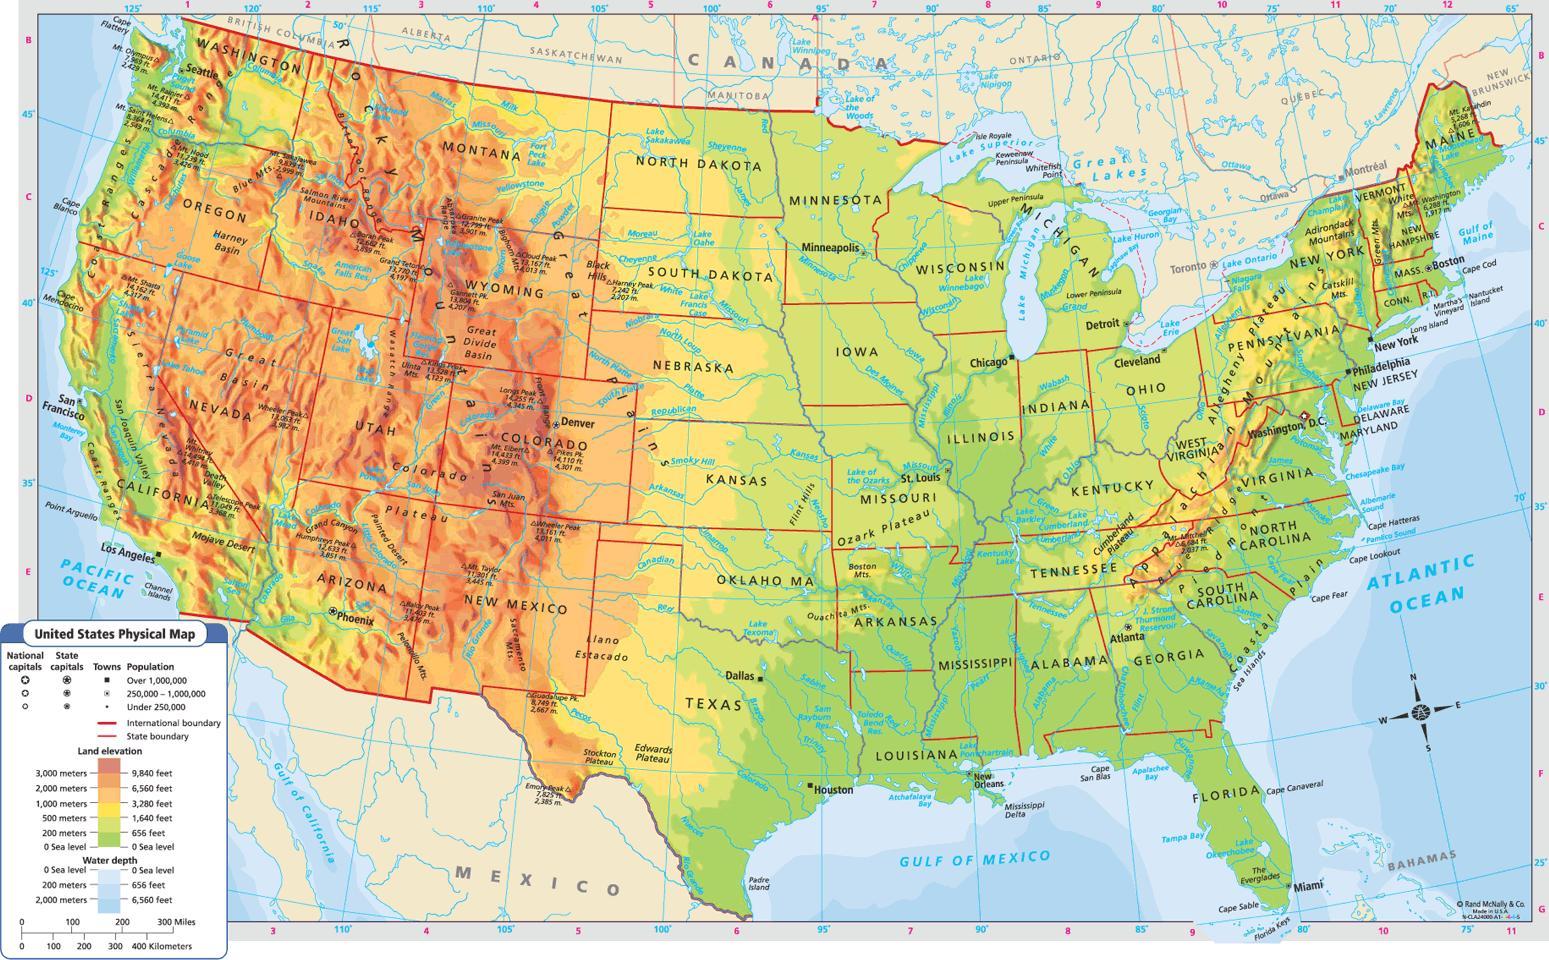 Cartina Stati Uniti Fisica.Stati Uniti Mappa Fisica Fisica Mappa Stati Uniti America Del